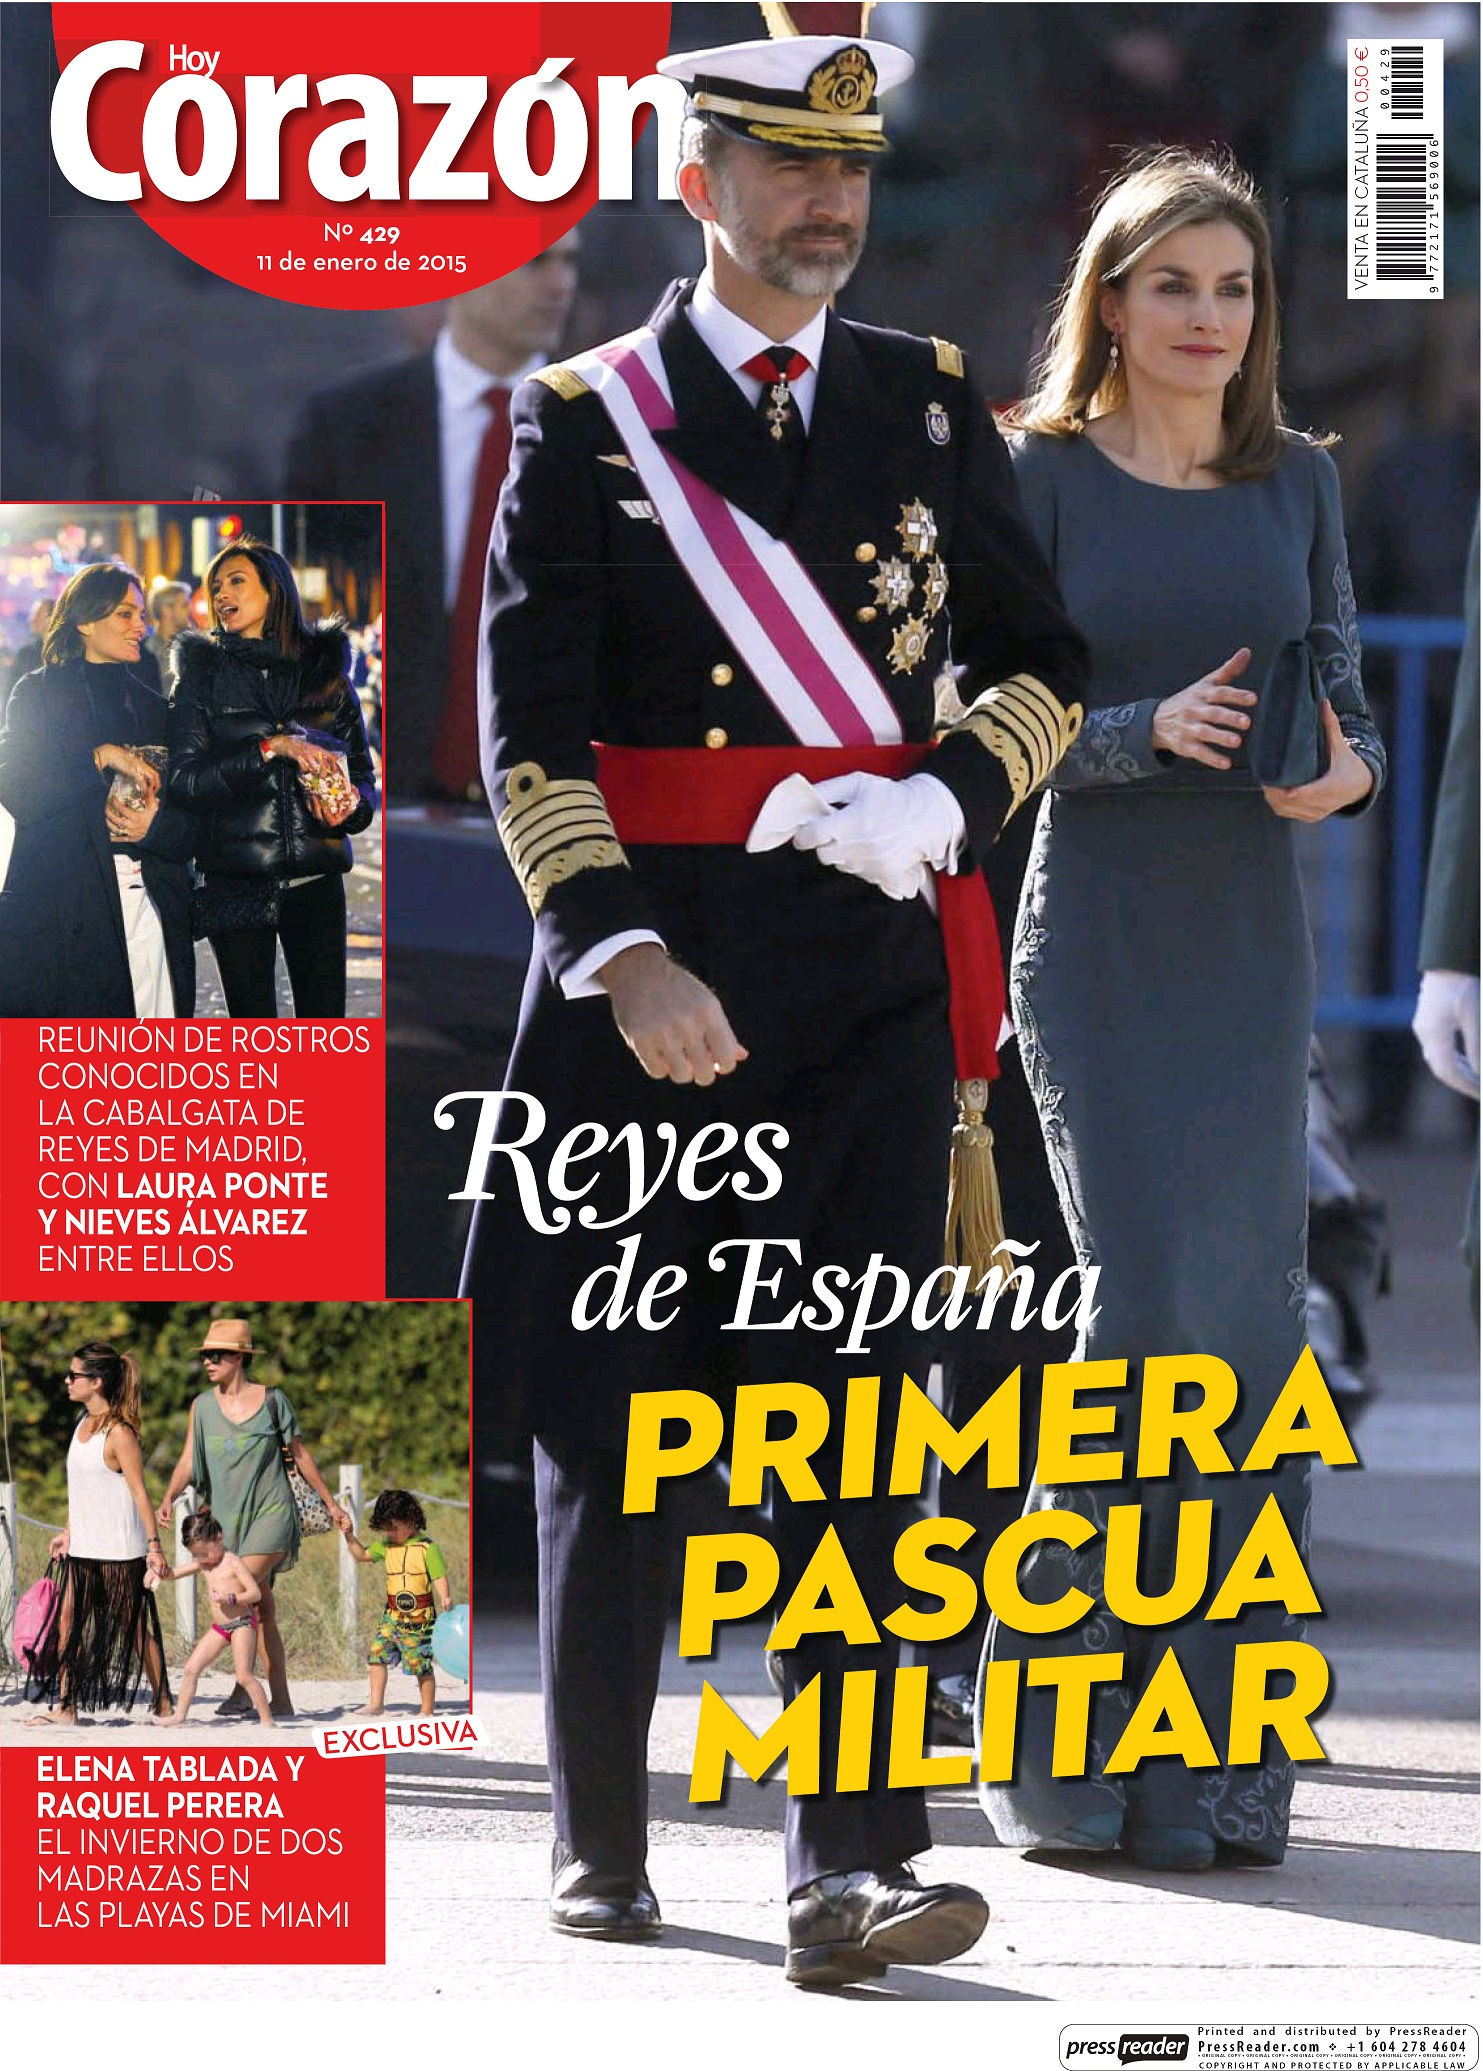 HOY CORAZON portada 11 de Enero 2015